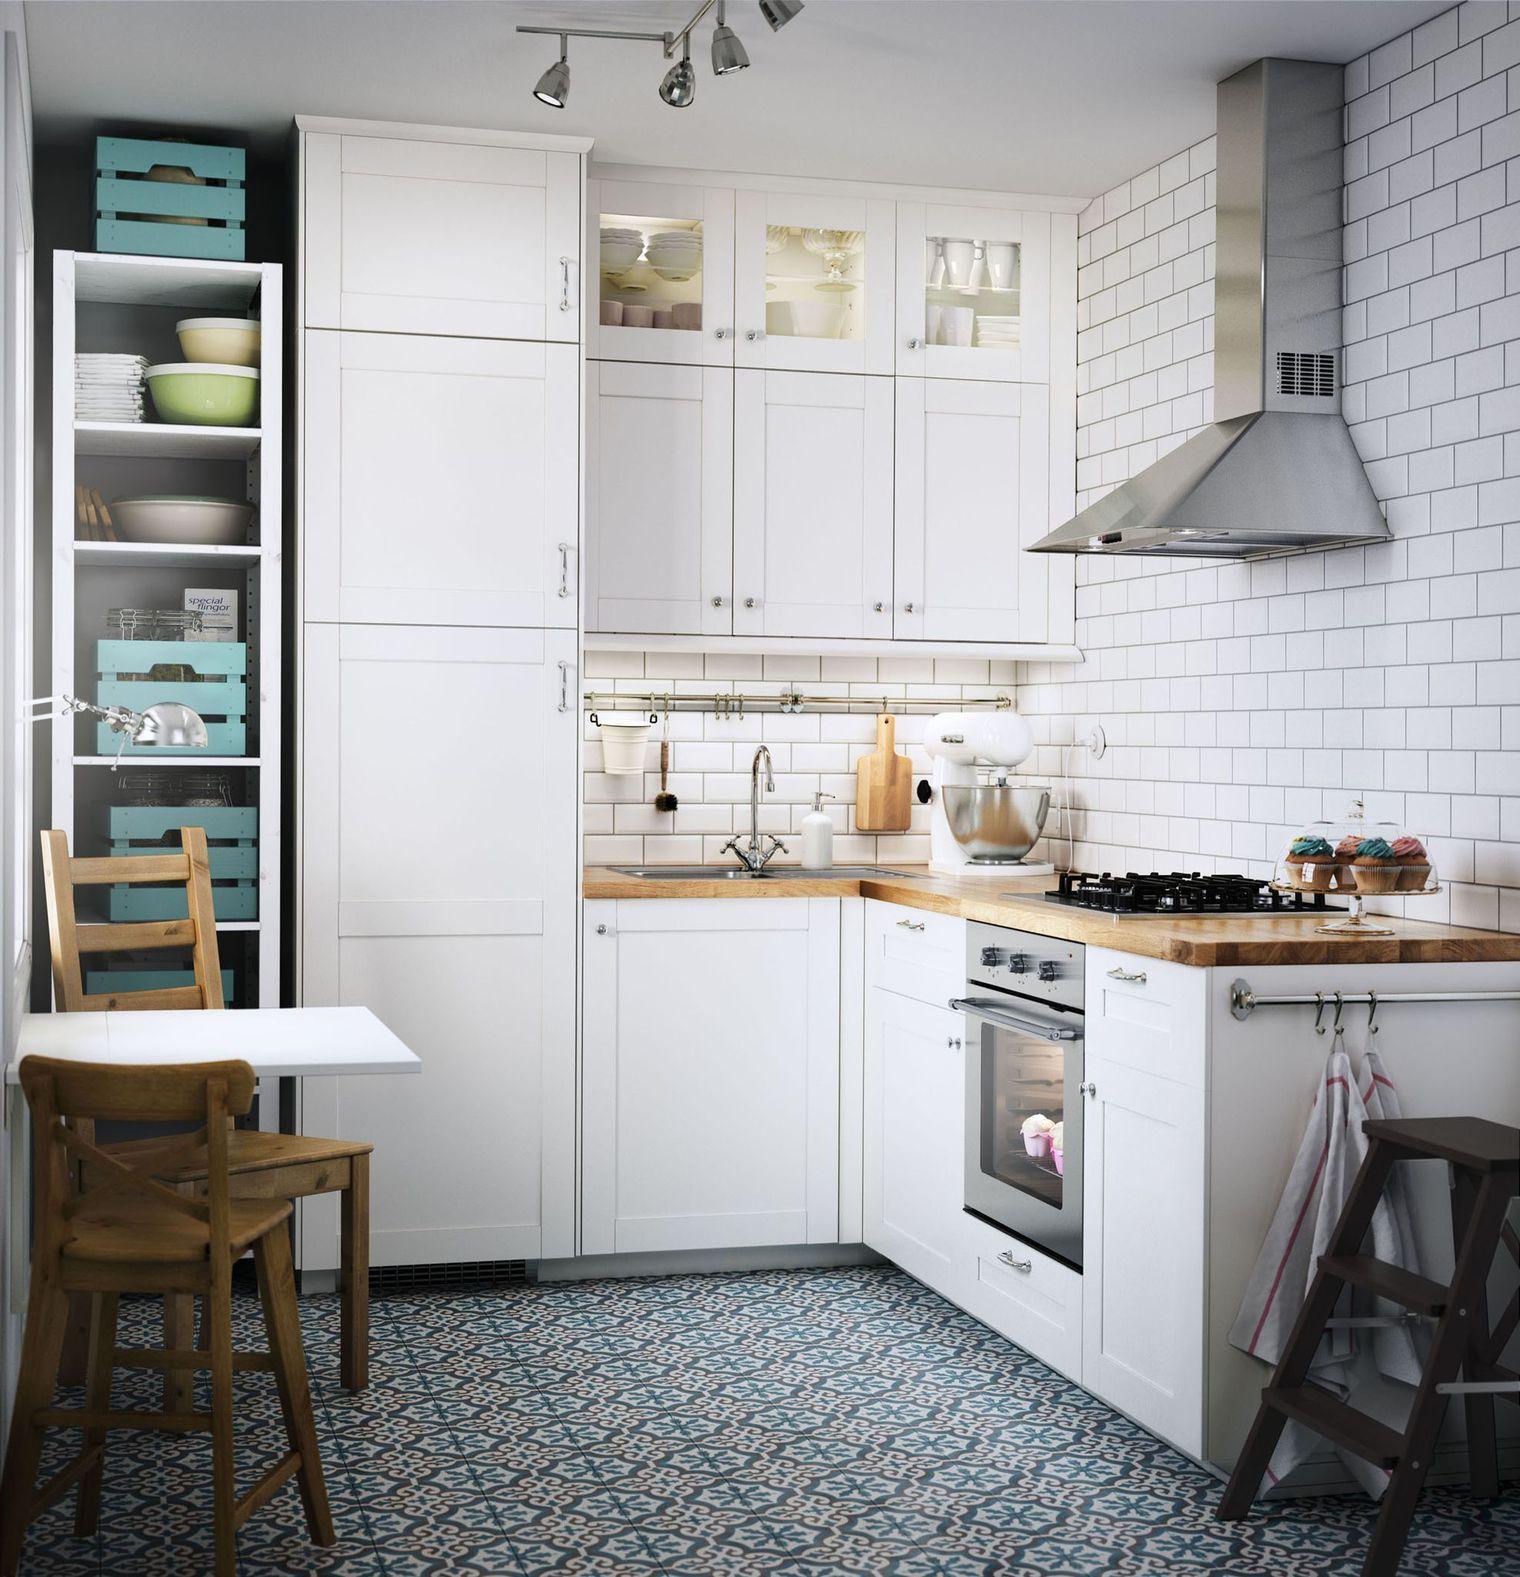 R sultat de recherche d 39 images pour cuisine ikea savedal r novation cuisine pinterest for Offre ikea cuisine